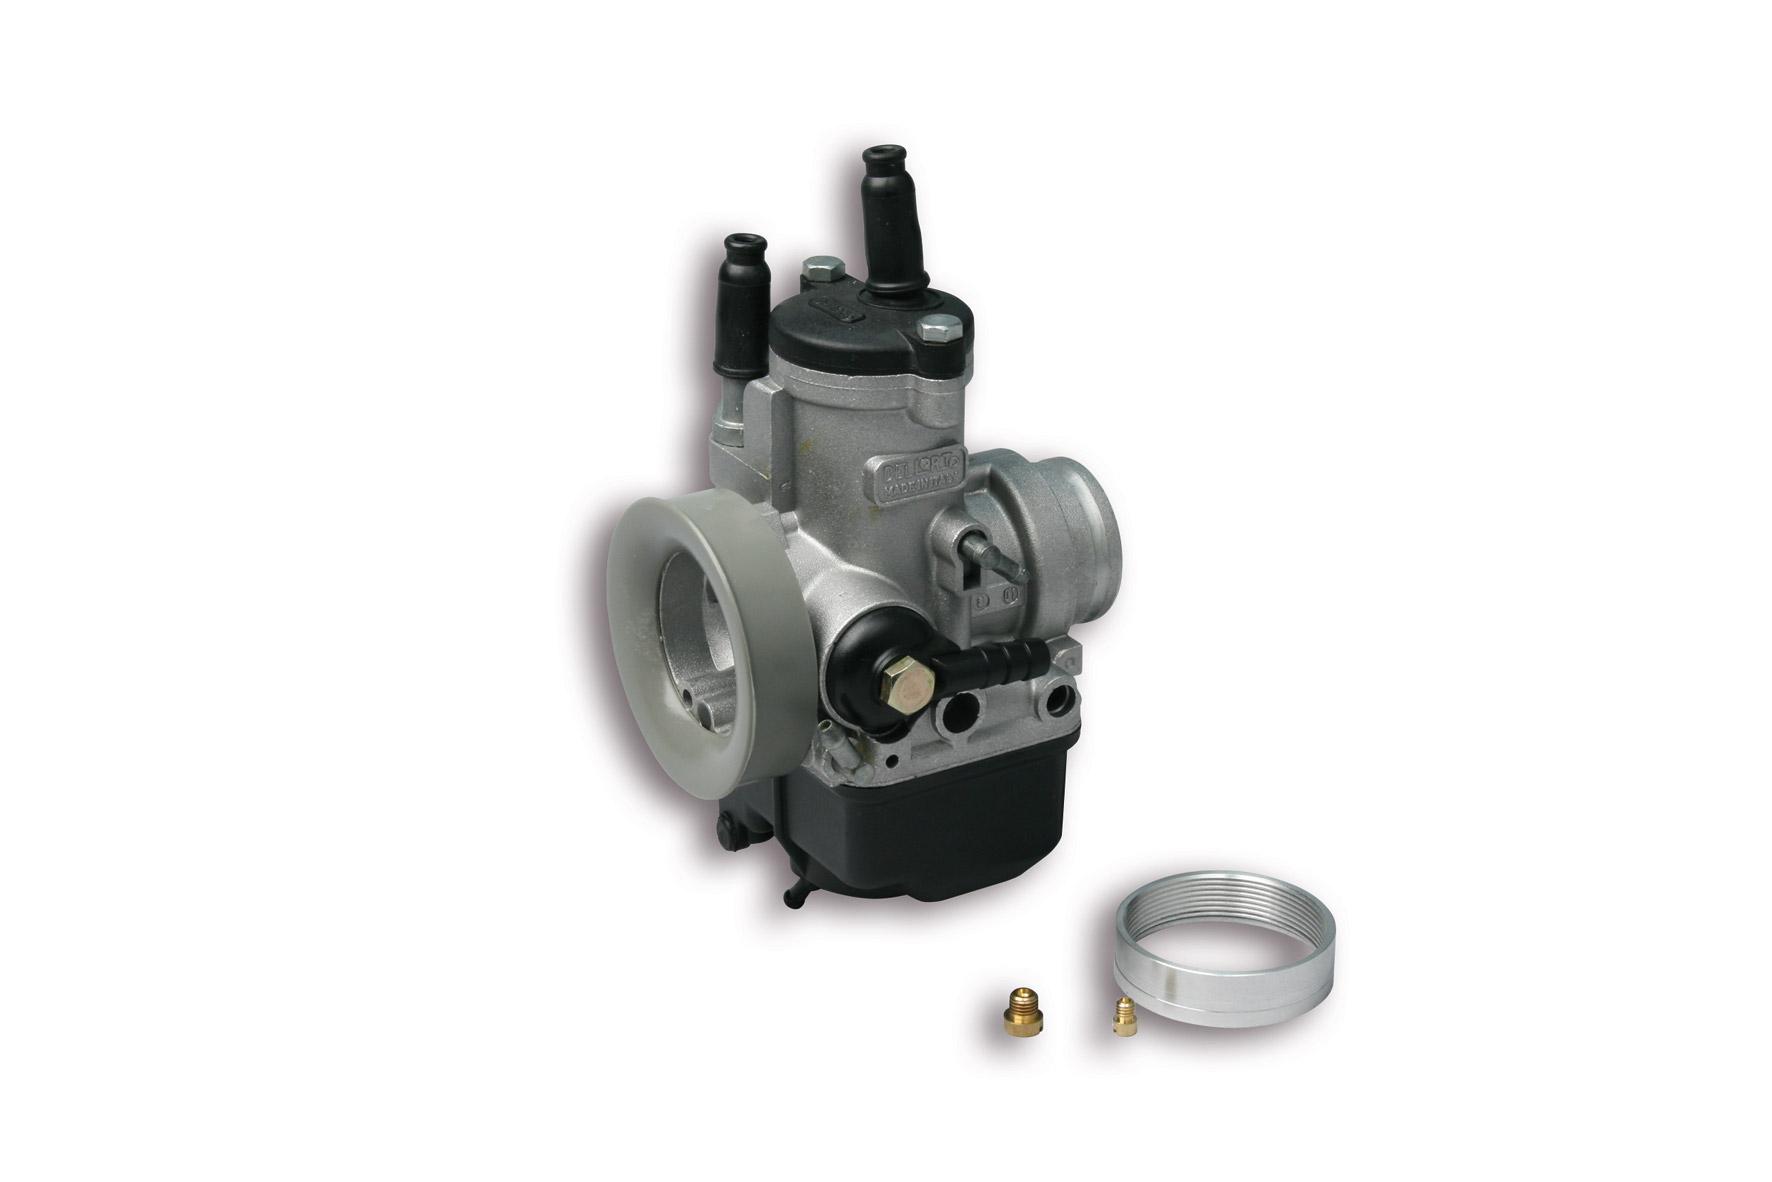 Impianto alimentazione PHBH 30 per Honda CRM - NSR - Raiden LC 125 cc